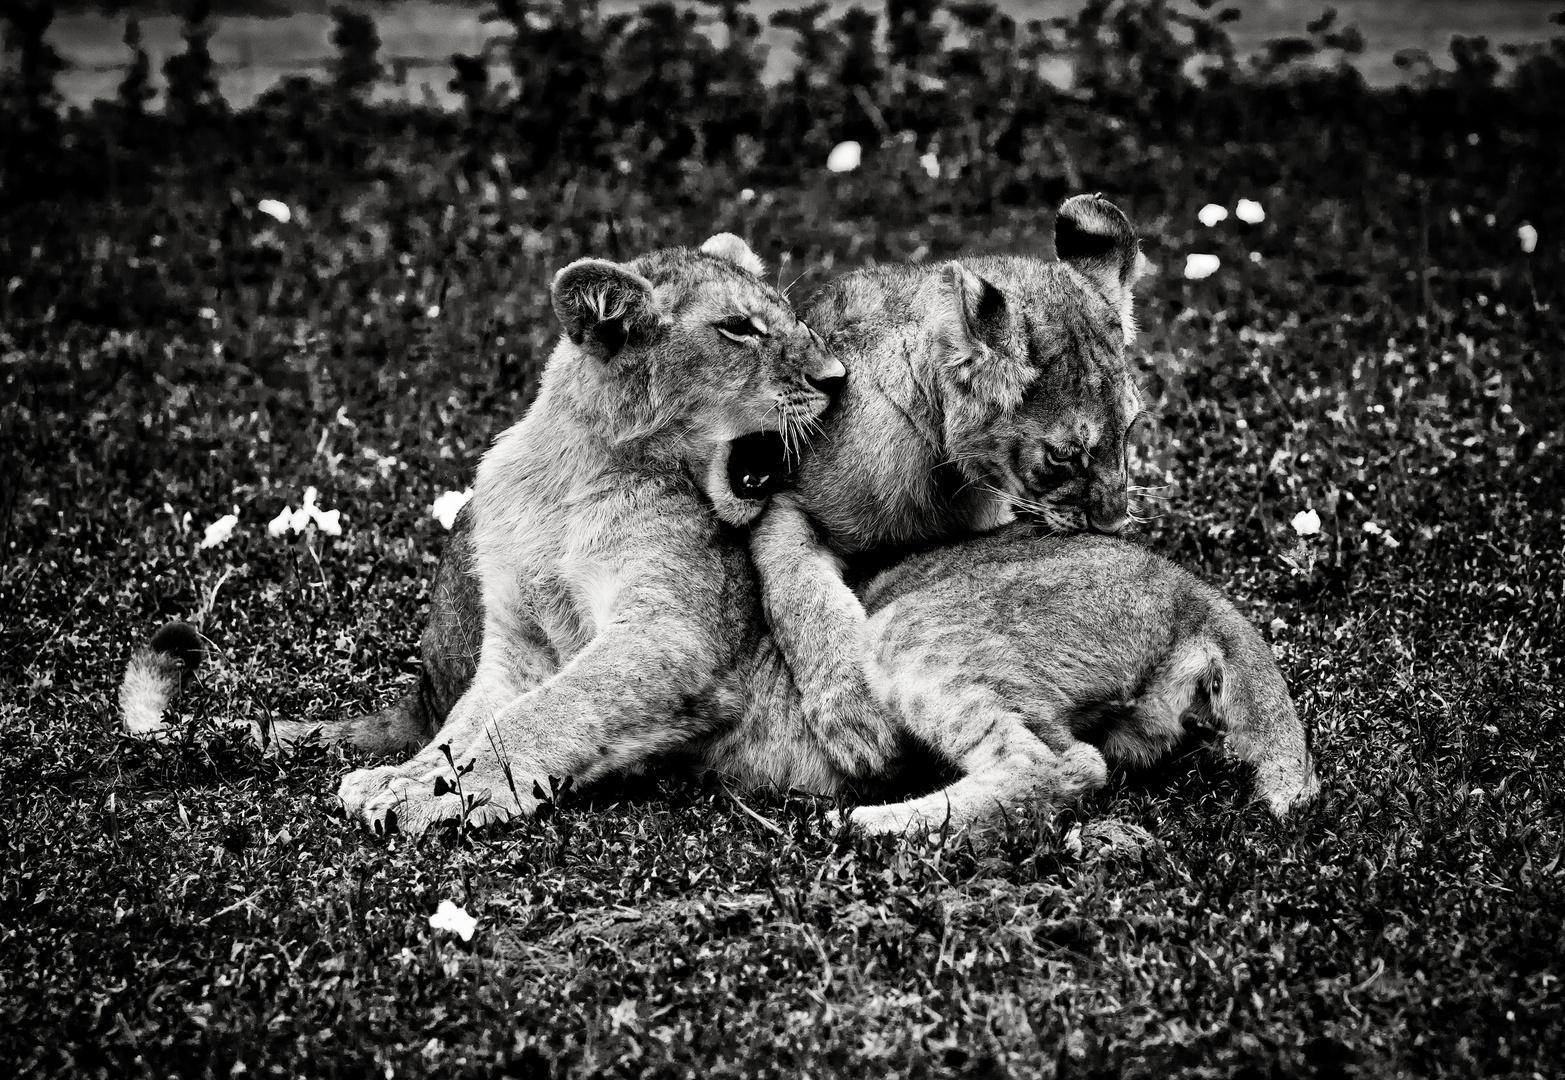 Family play, Tanzania